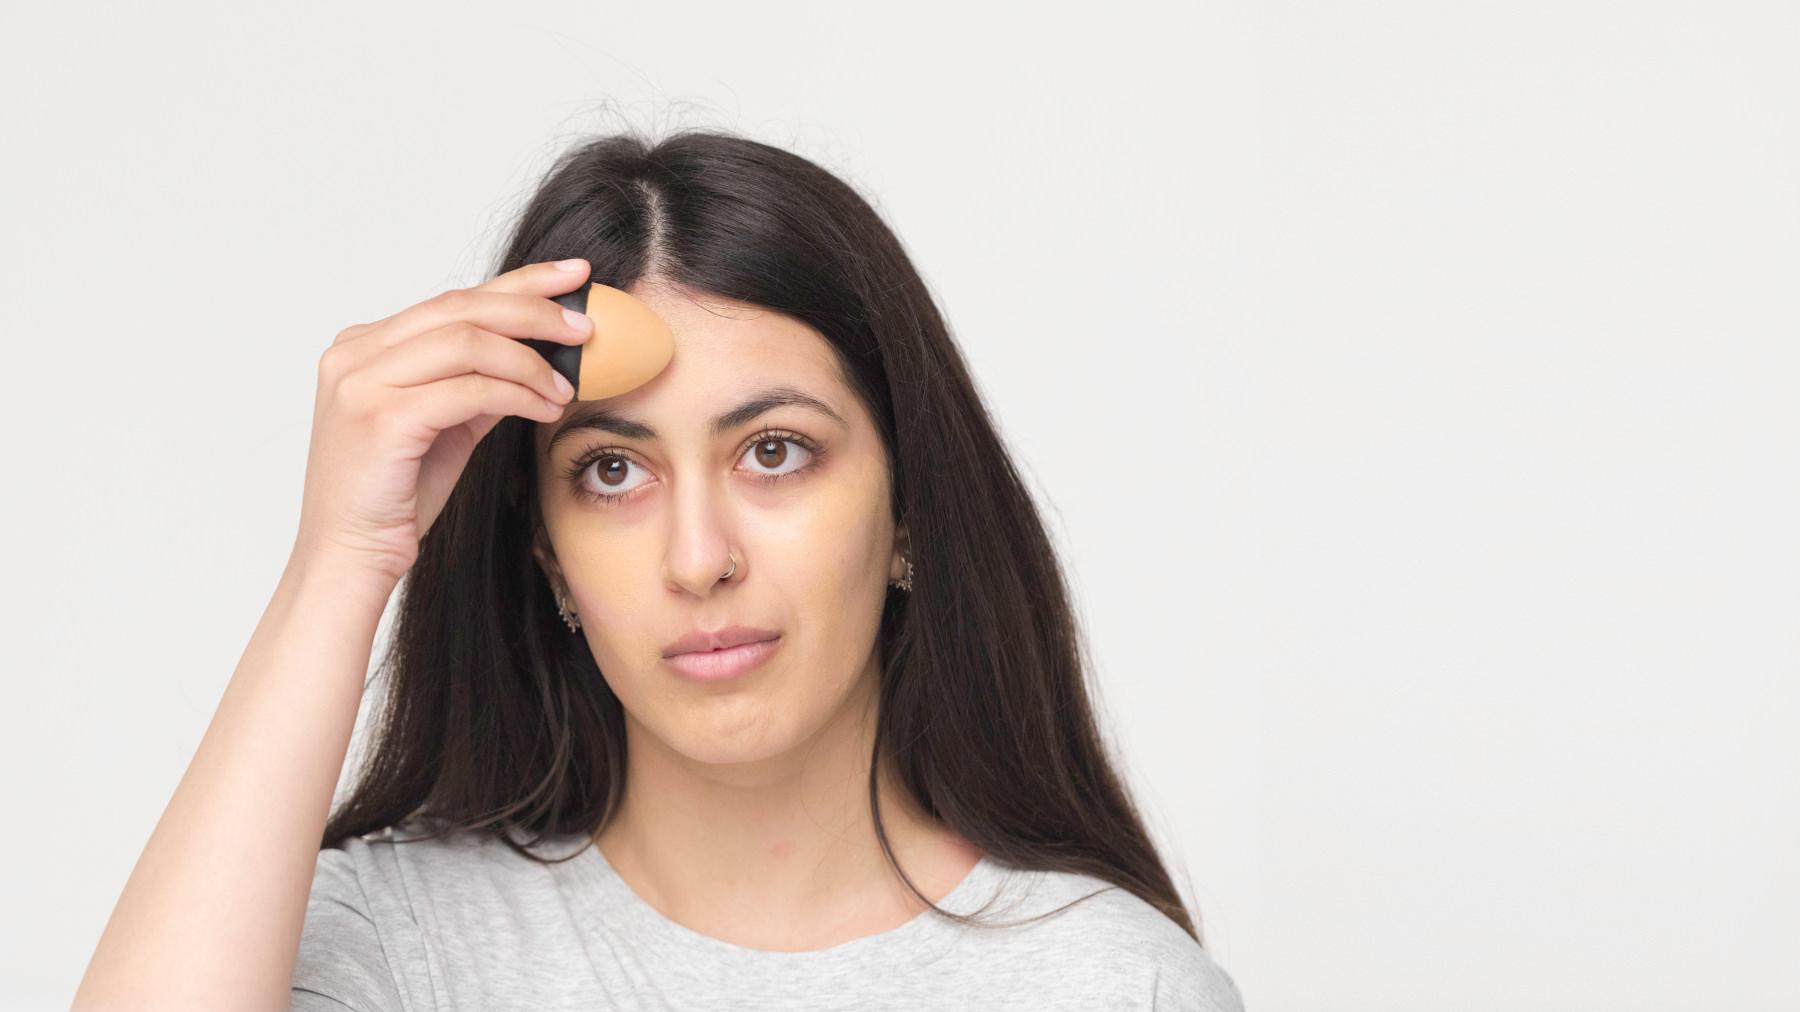 Una ragazza applica sul suo viso il fondotinta solido Slap Stick